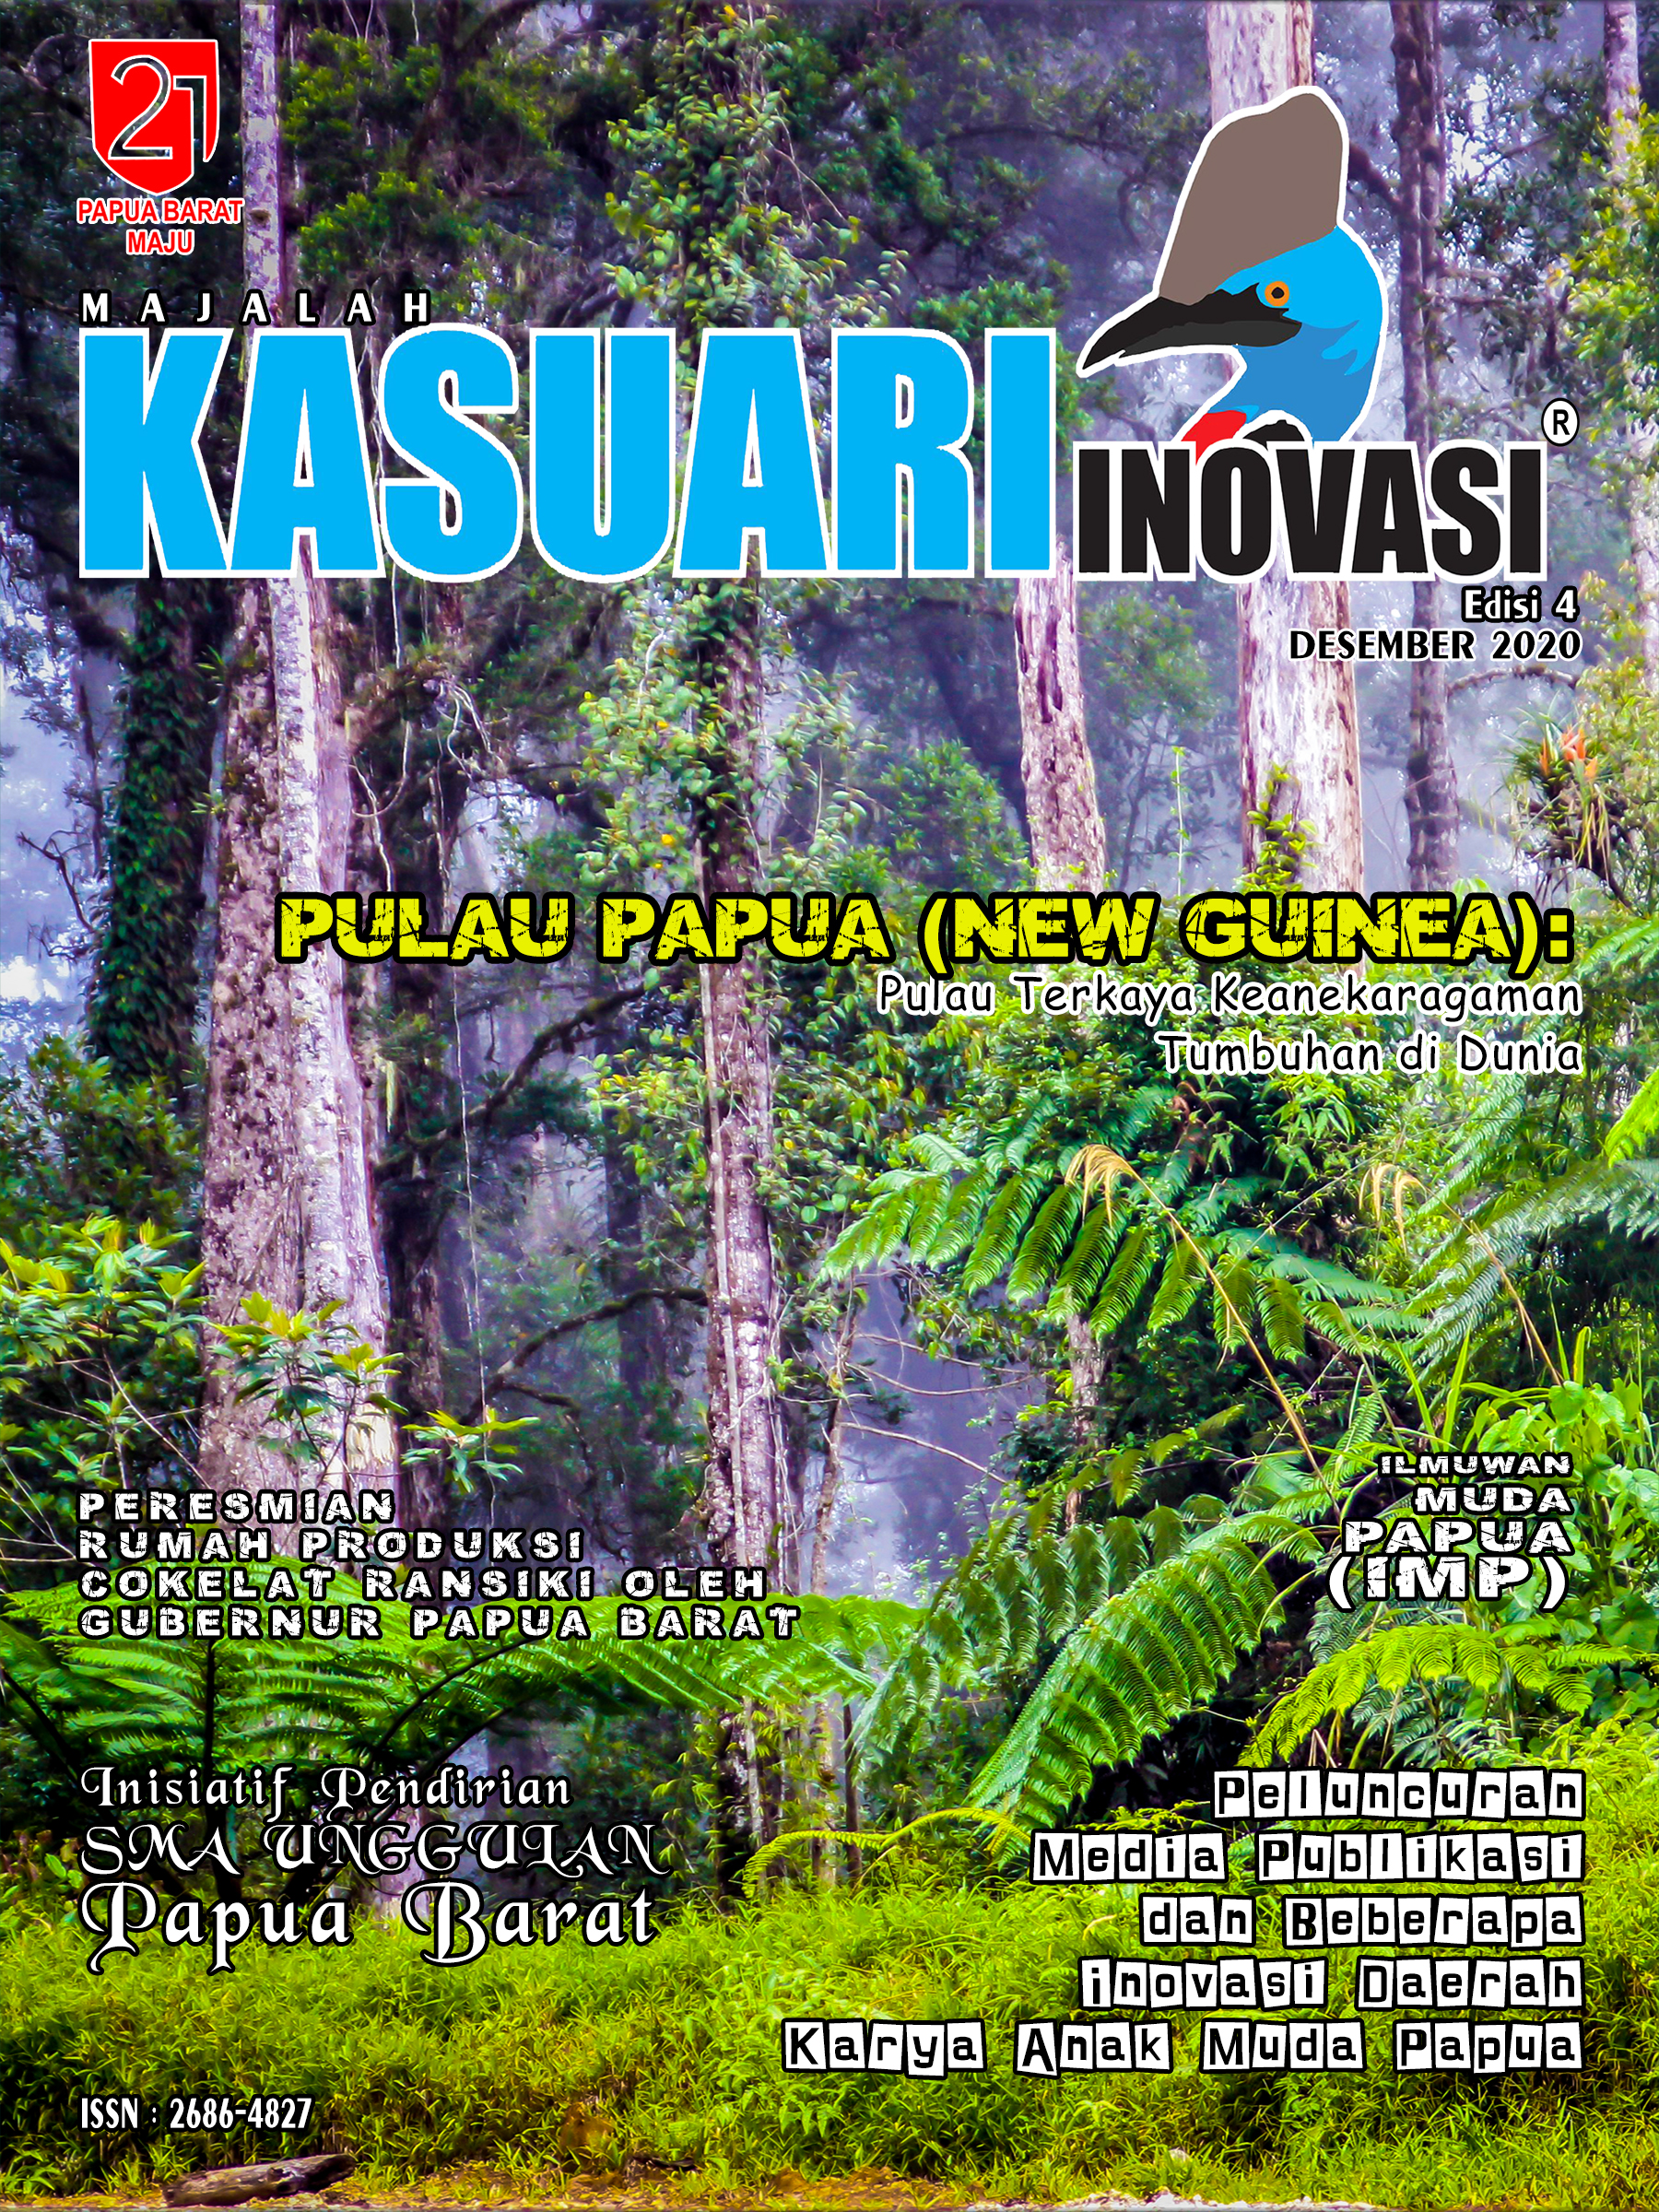 Majalah Kasuari Inovasi Edisi 4